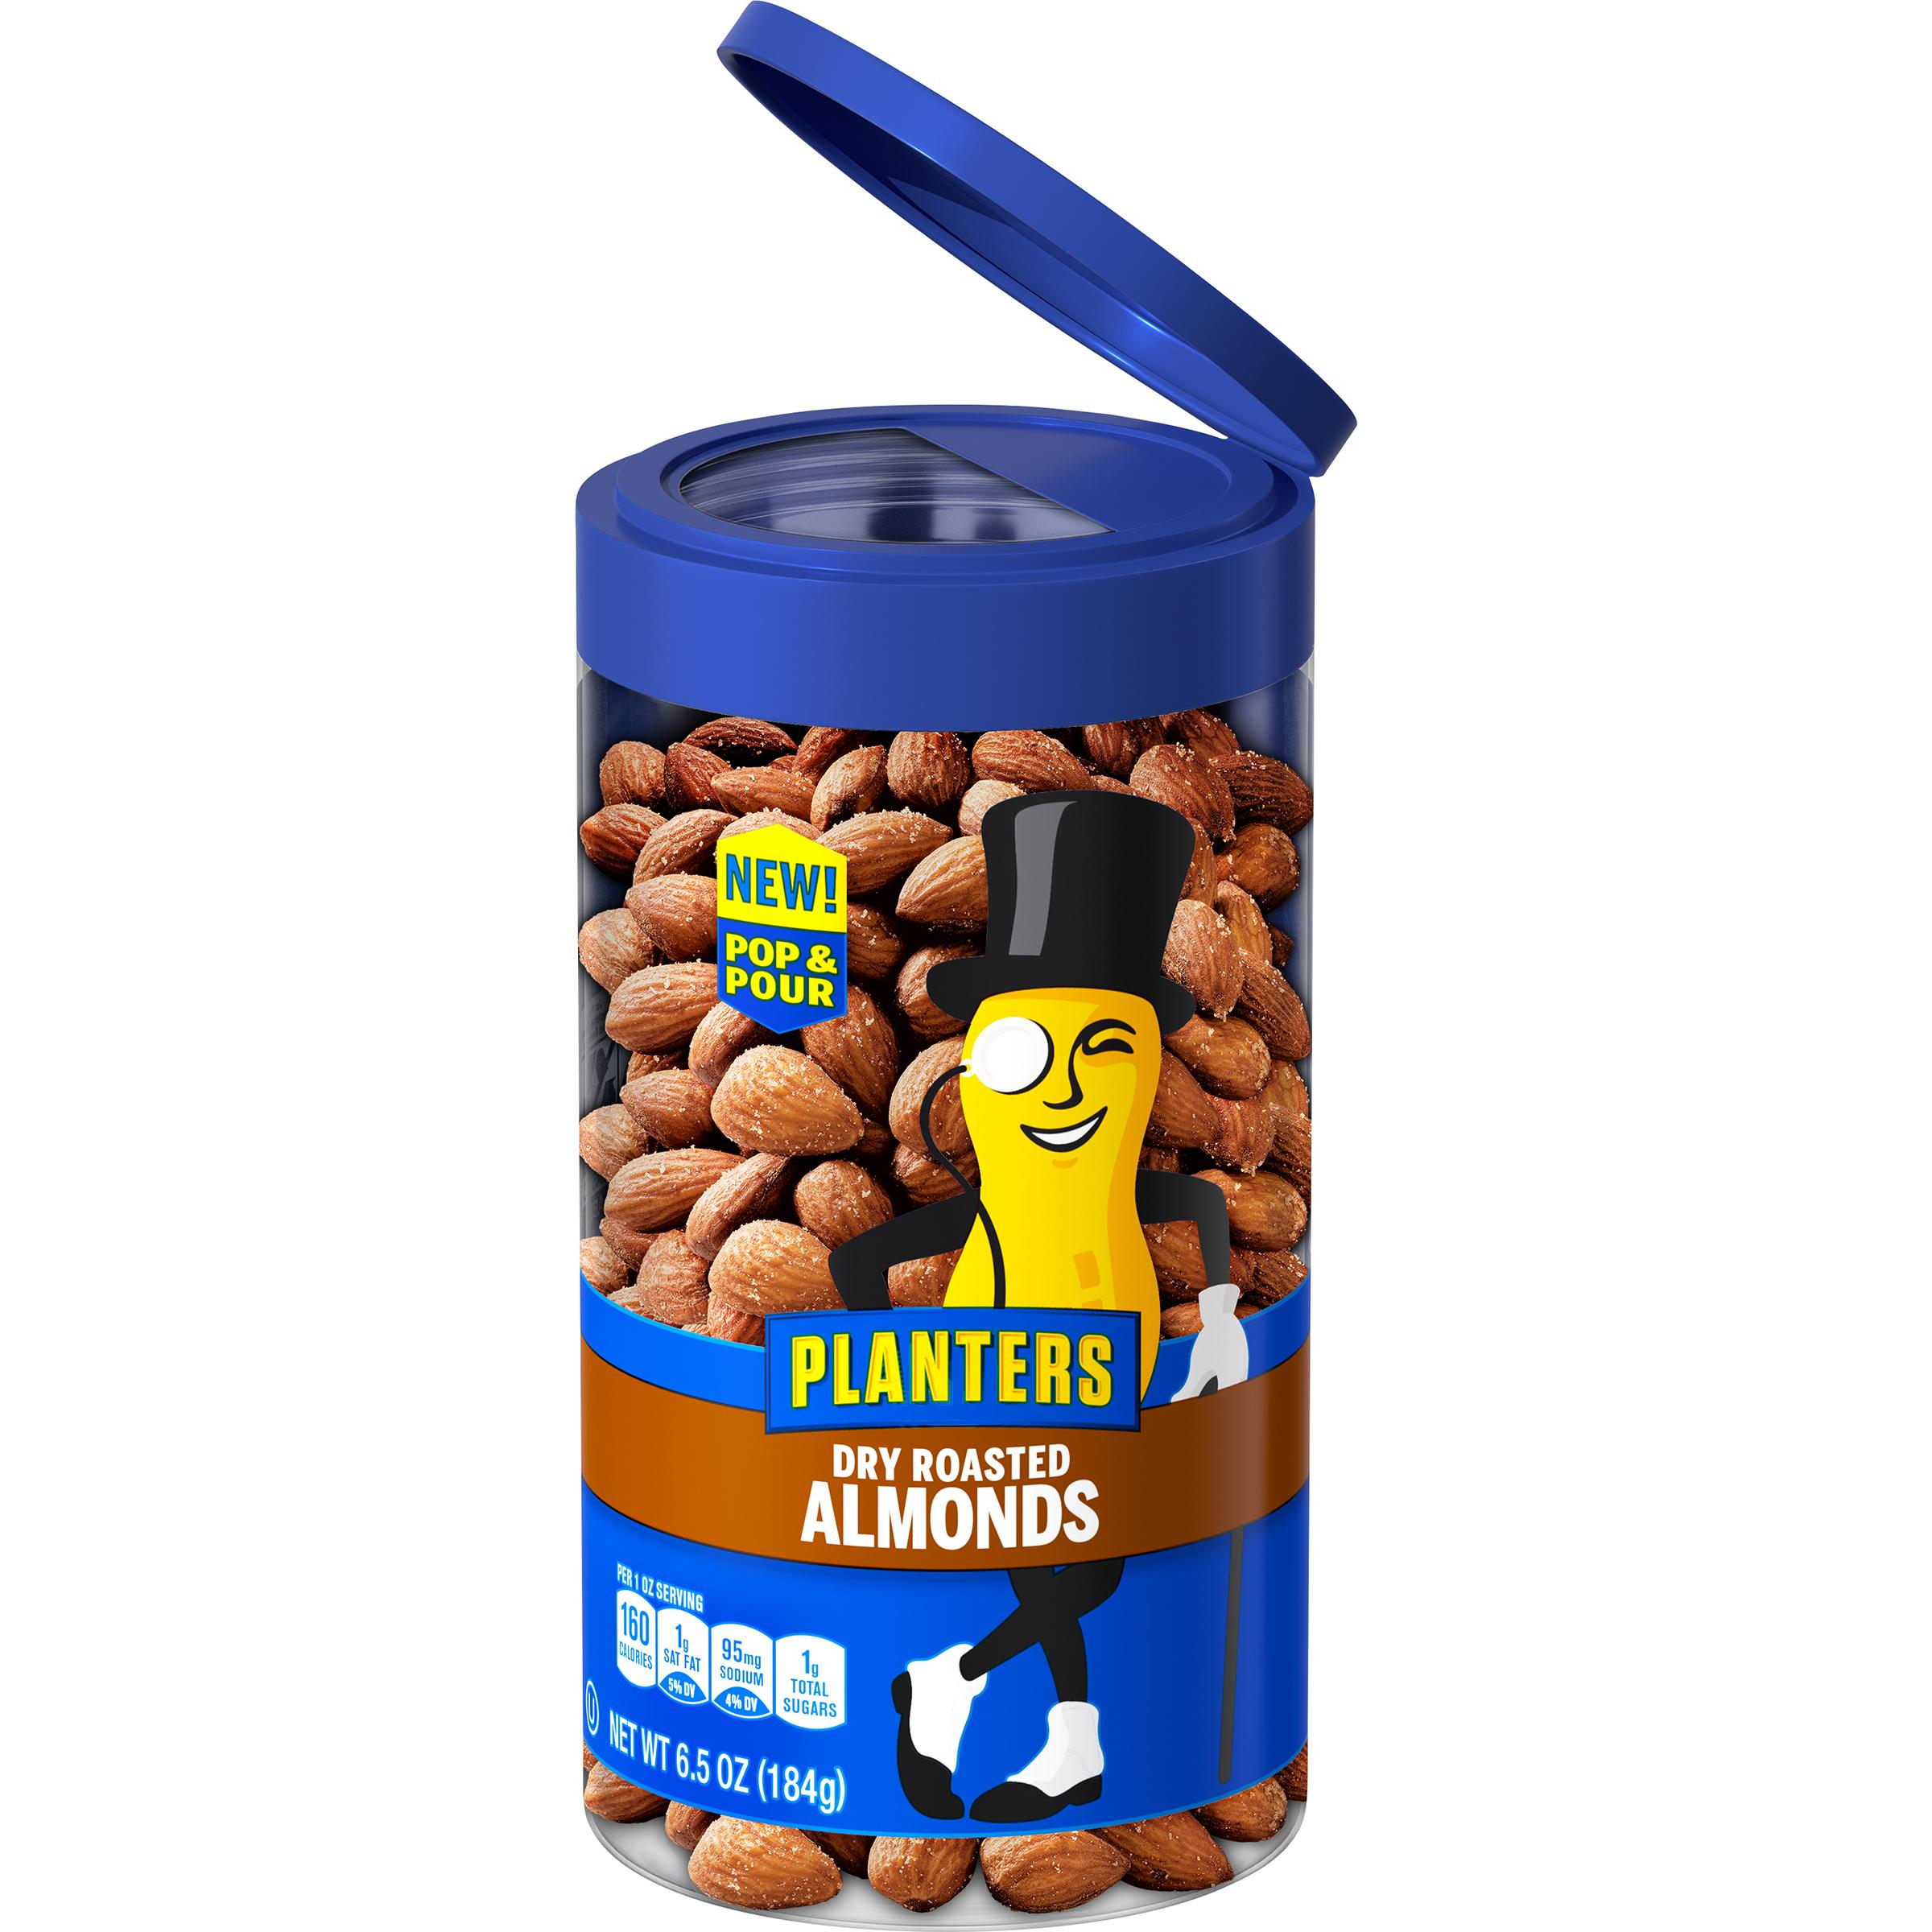 PLANTERS® Pop & Pour Dry Roasted Almonds, 6.5 oz jar